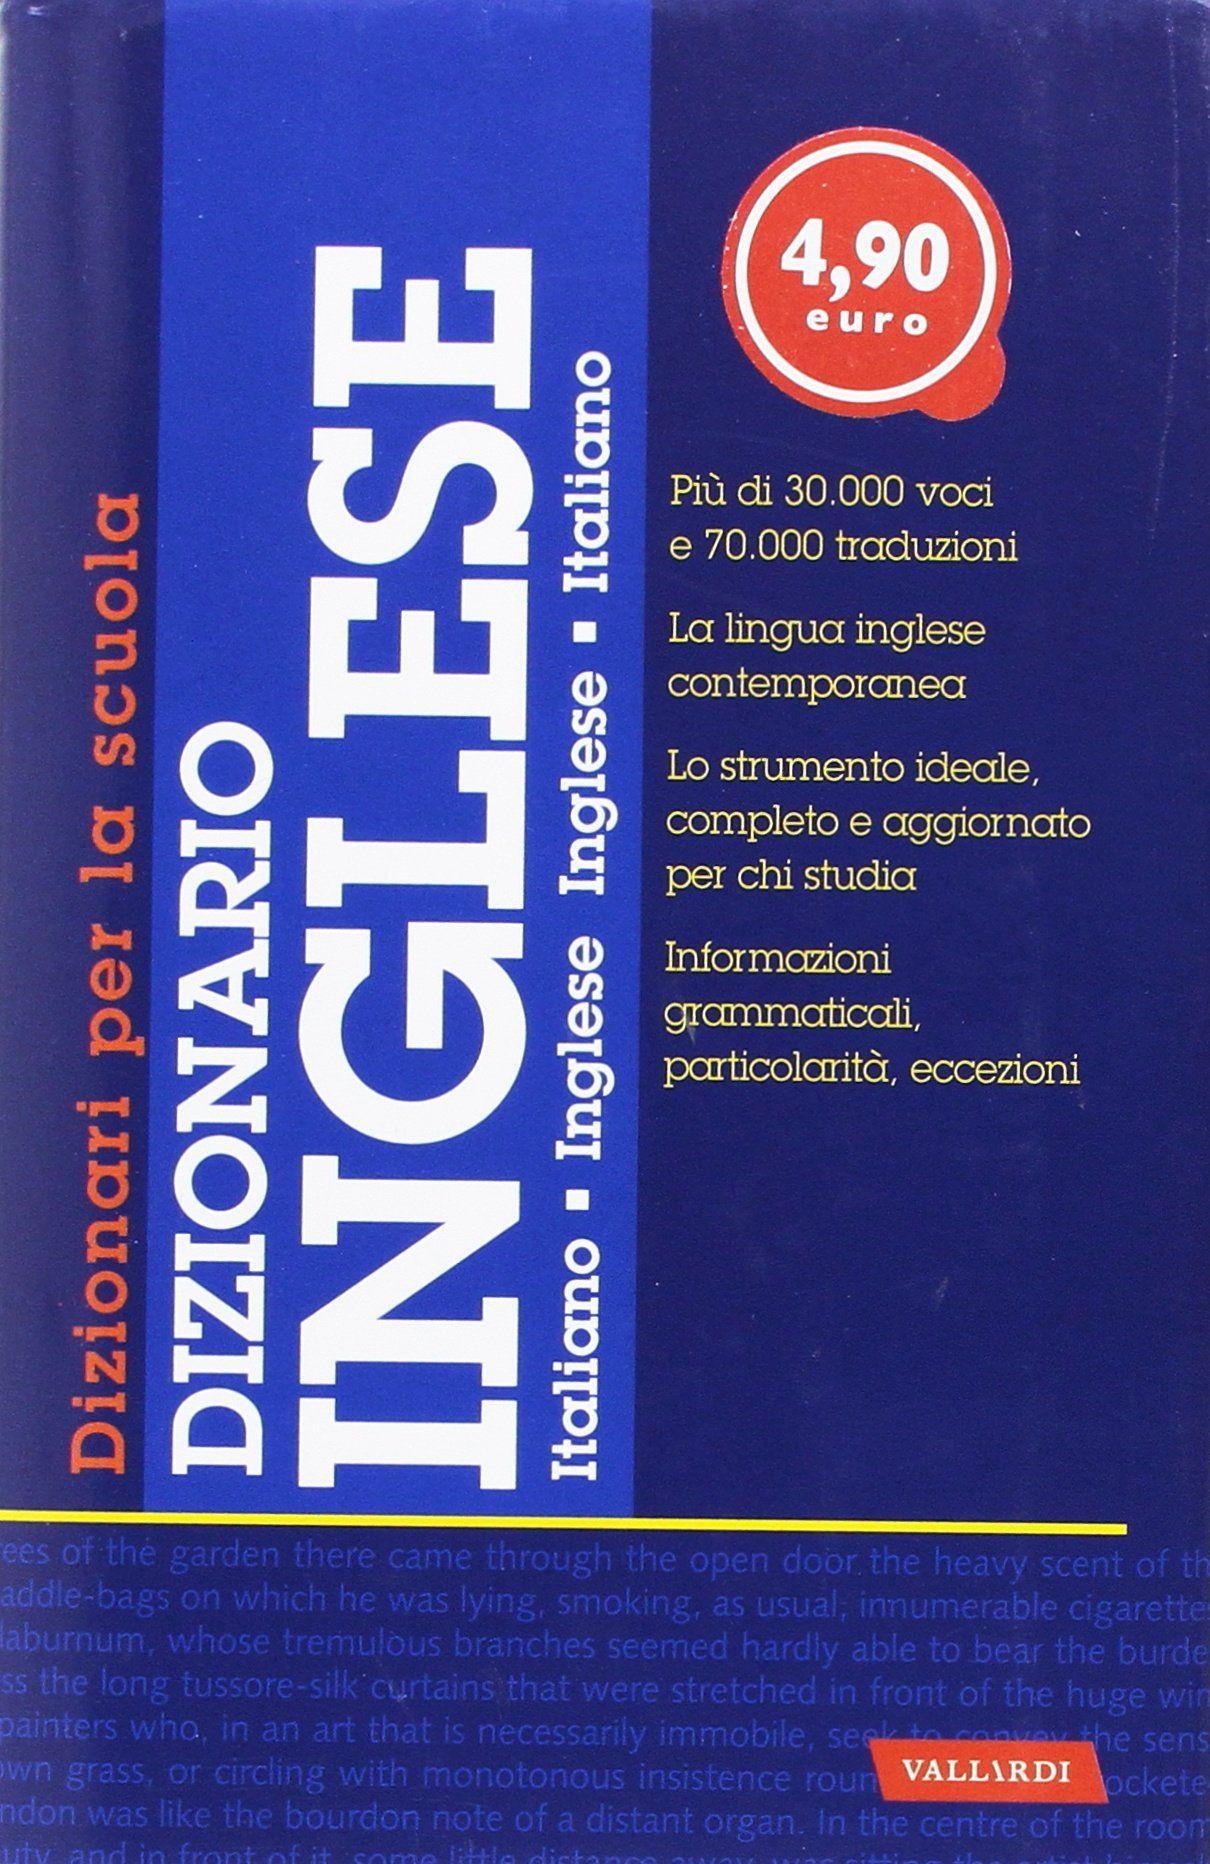 Dizionario Inglese A Scuola Dizionario Inglese Scuola Scuola Inglese E Libro Aperto